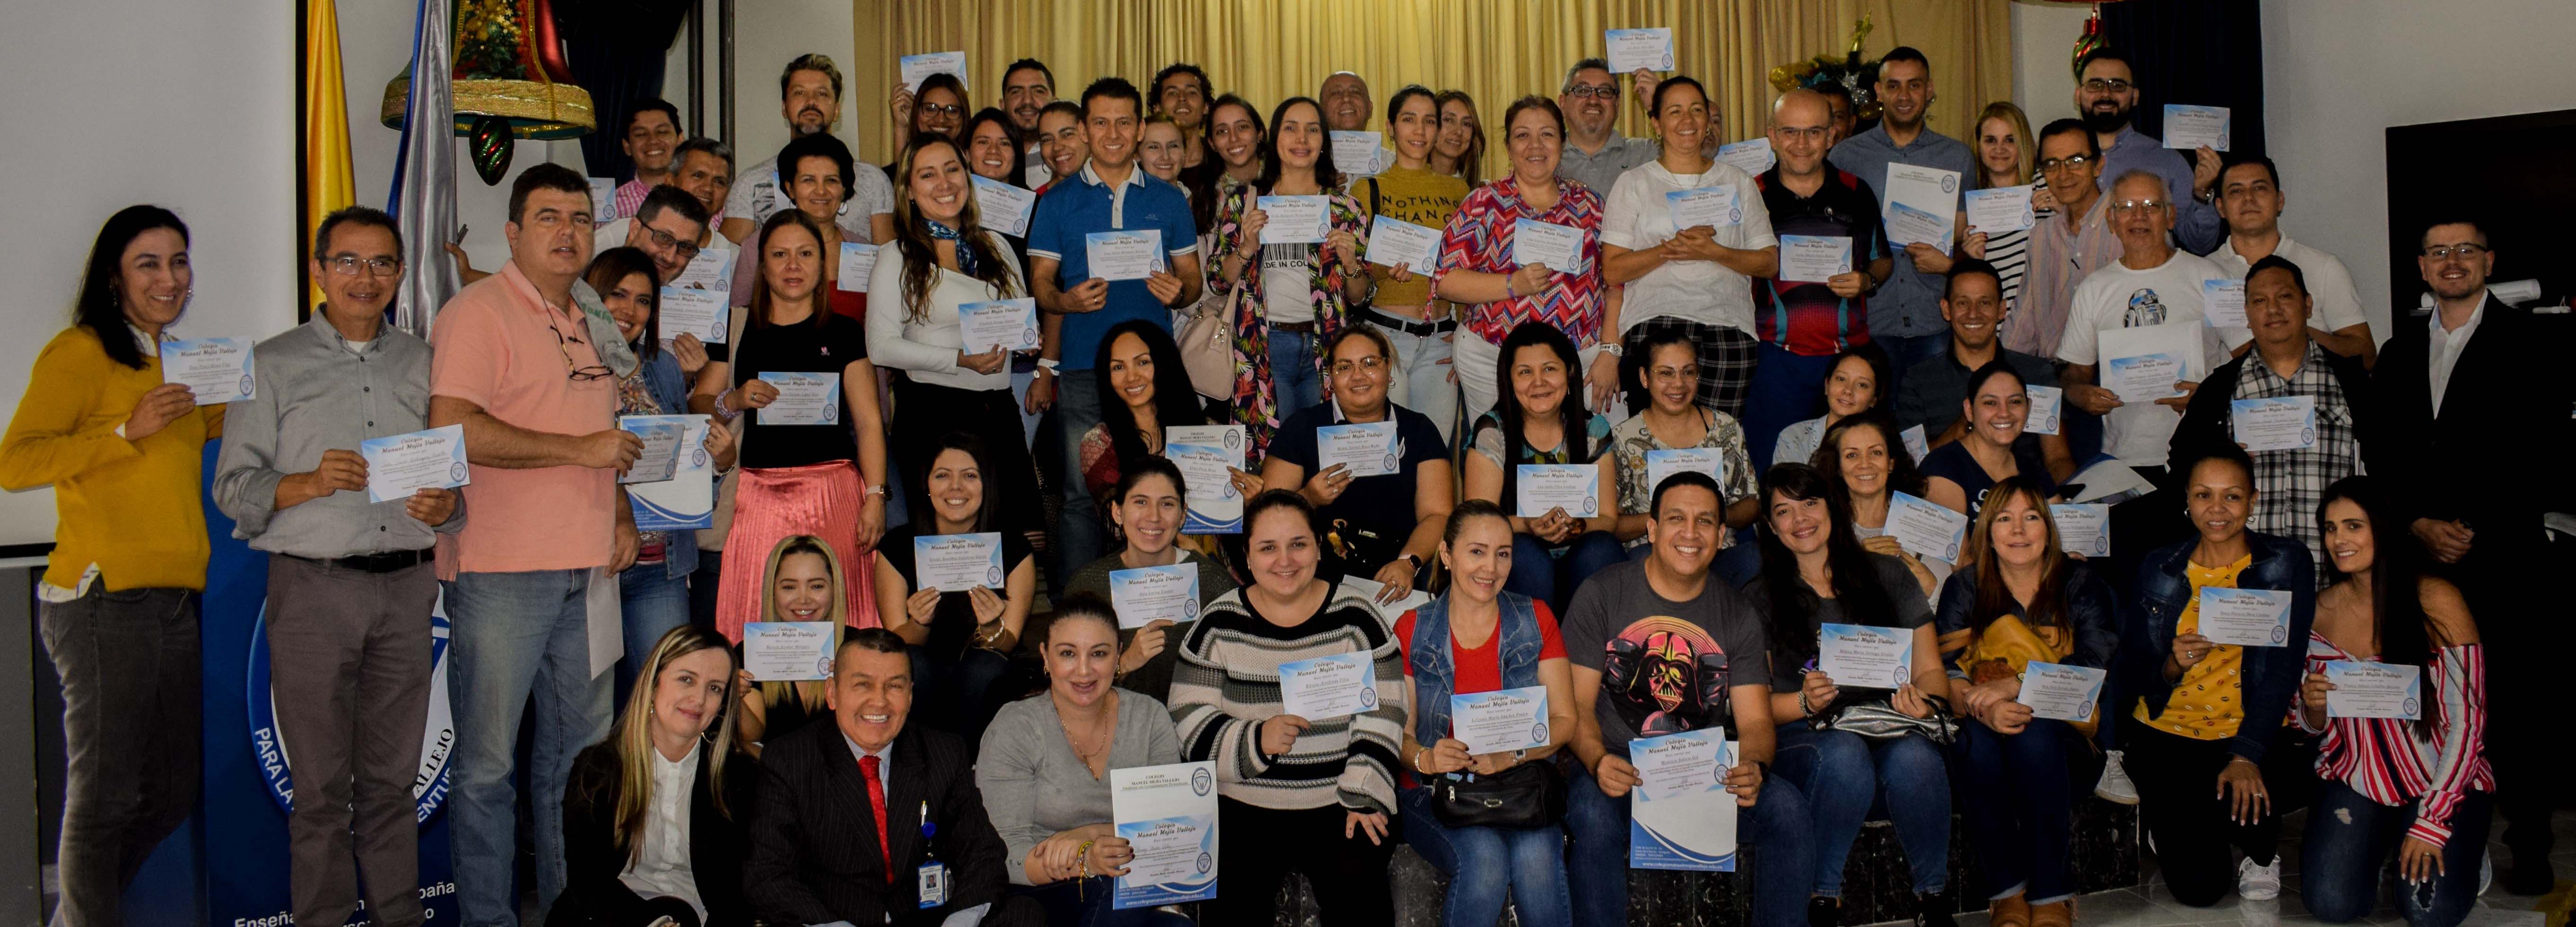 SEMINARIO E INDUCCIÓN FAMILIAS NUEVAS 2020